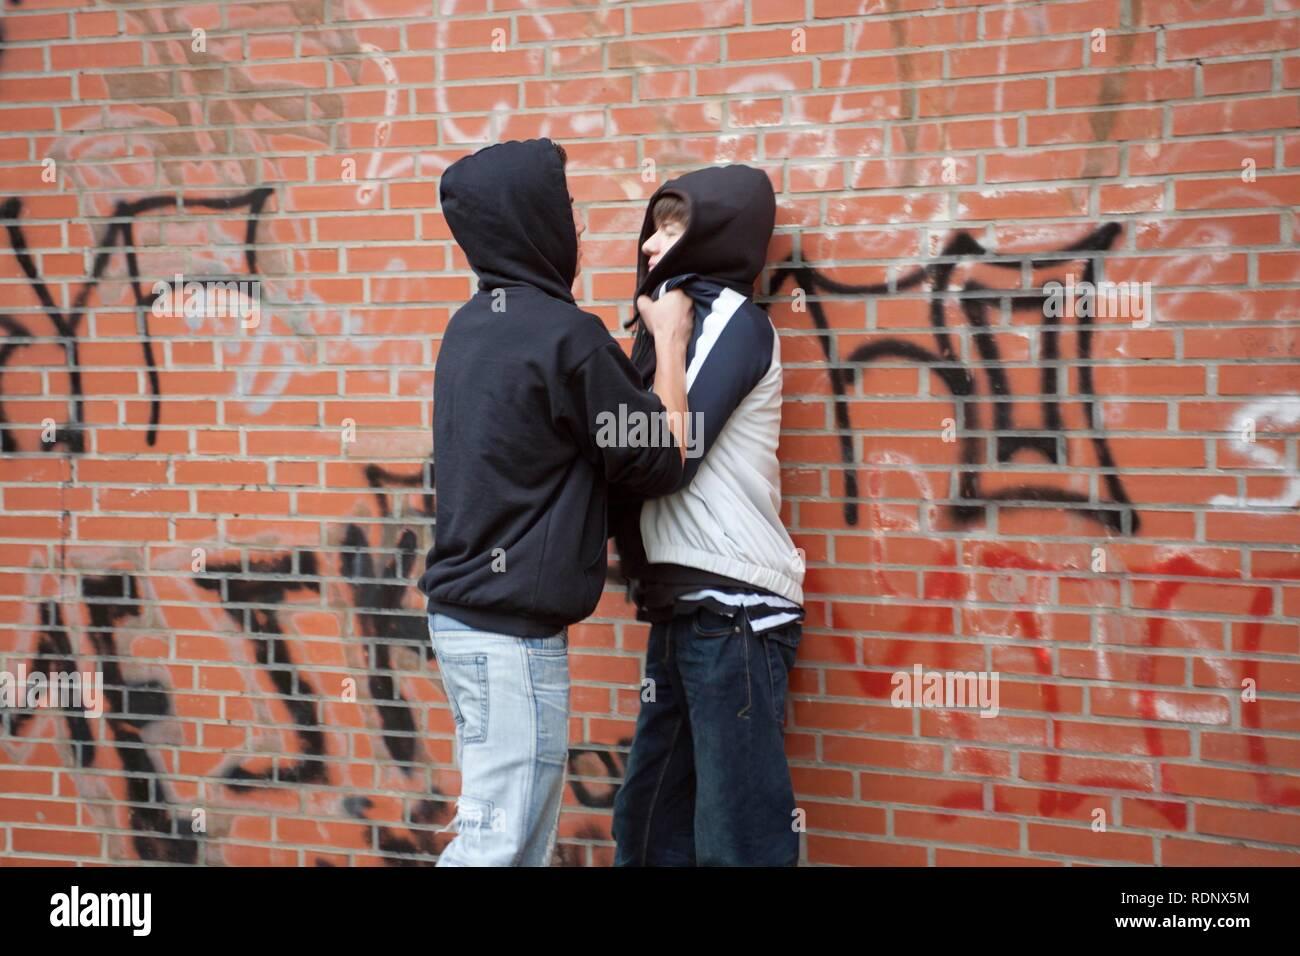 Teenager Schieben eines kleineren Jungen heftig gegen die Wand warf Szene Stockbild